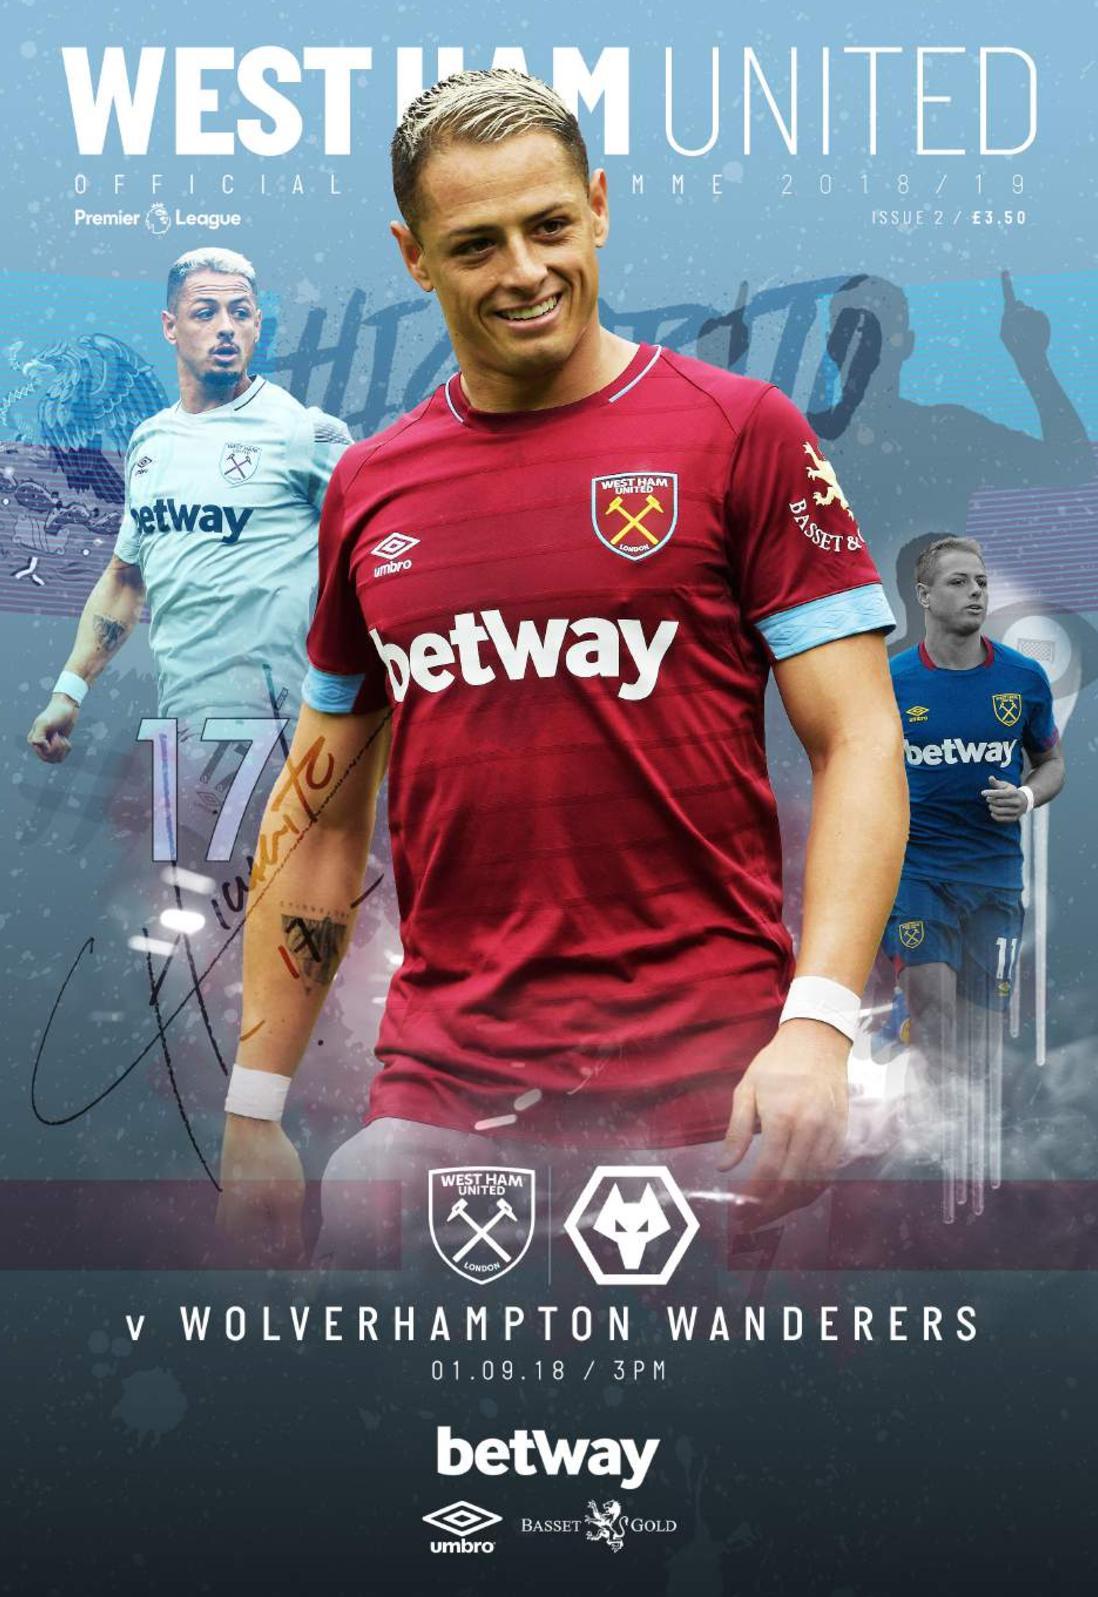 8d23394dba1 Calaméo - West Ham v Wolves